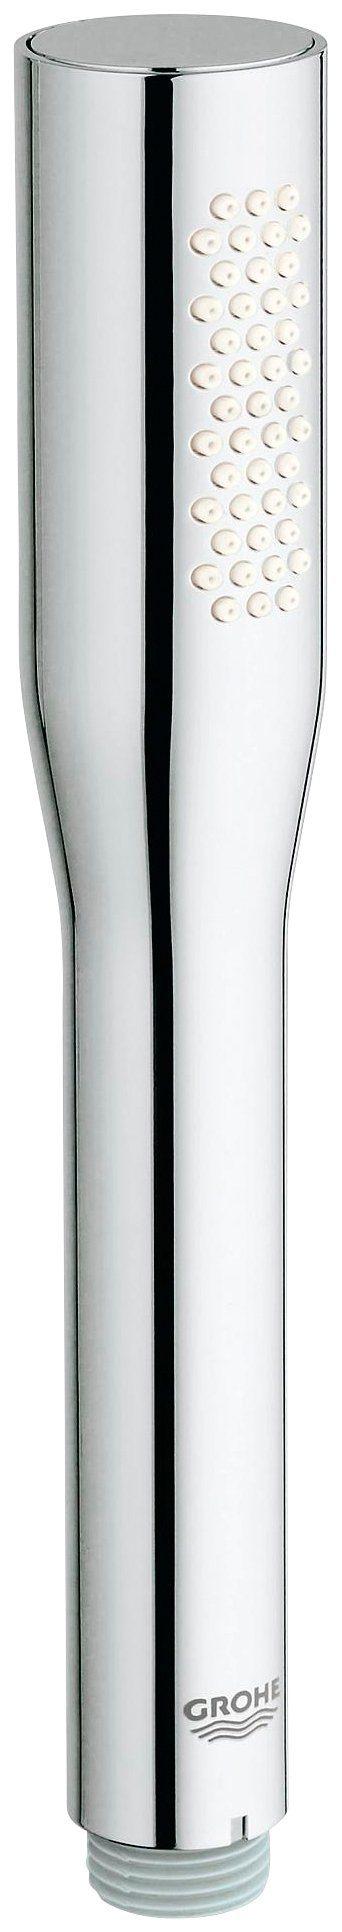 GROHE Handbrause »Vitalio Get«, Durchmesser 4,5 cm